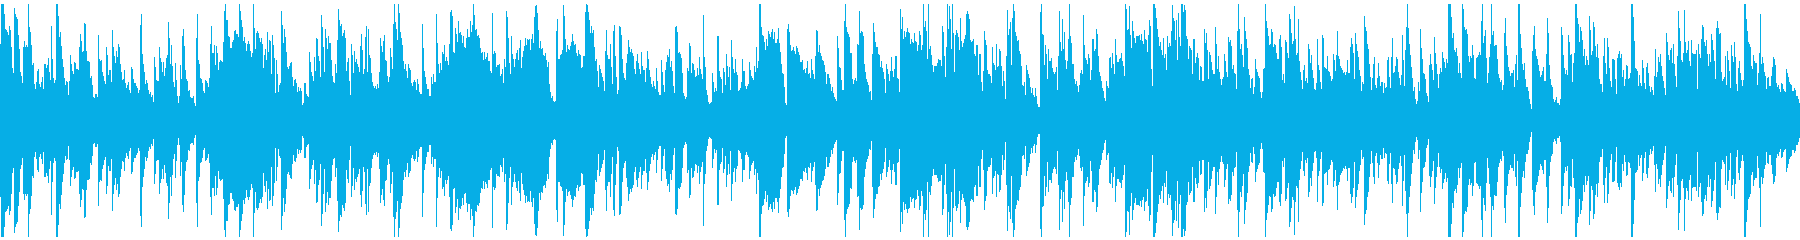 暖かい幸せなジャズ・バラード ※ループ版の再生済みの波形